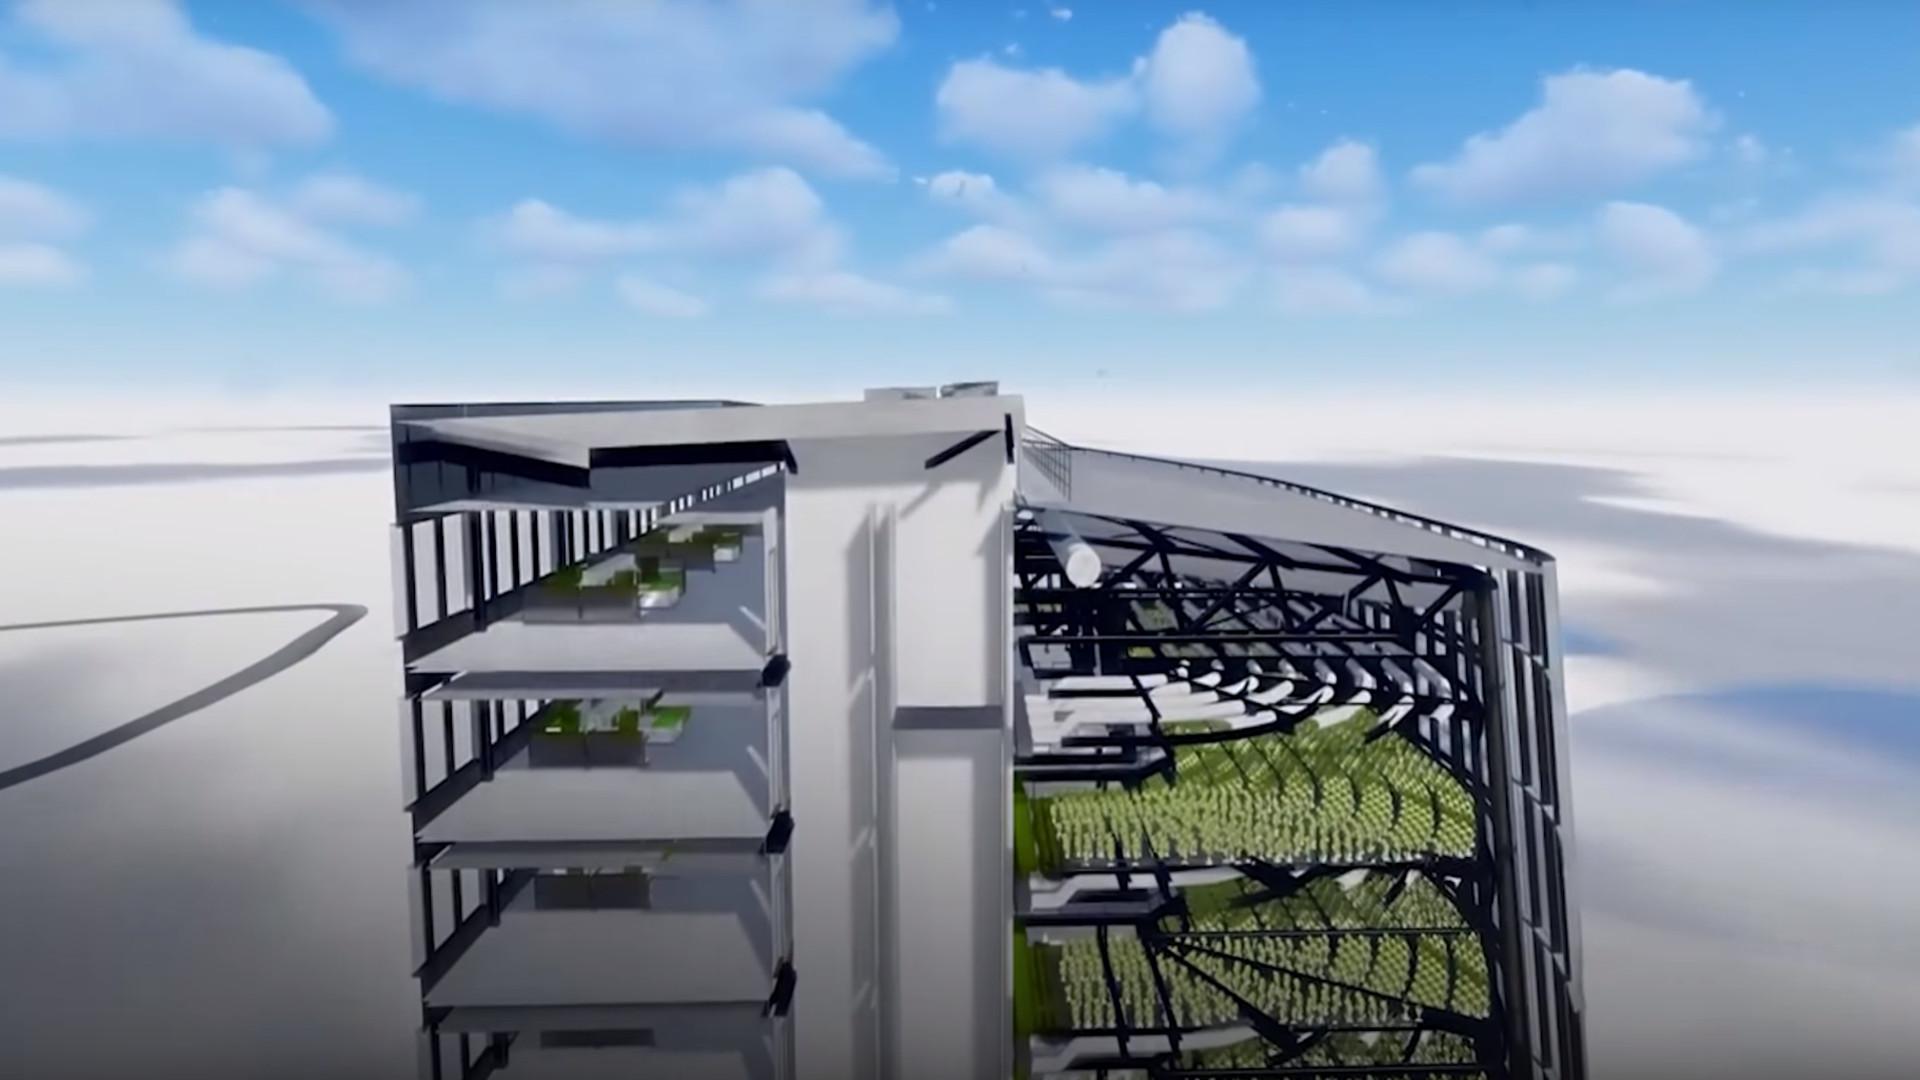 Los edificios tendrán campos de cultivo para alimentar a las ciudades